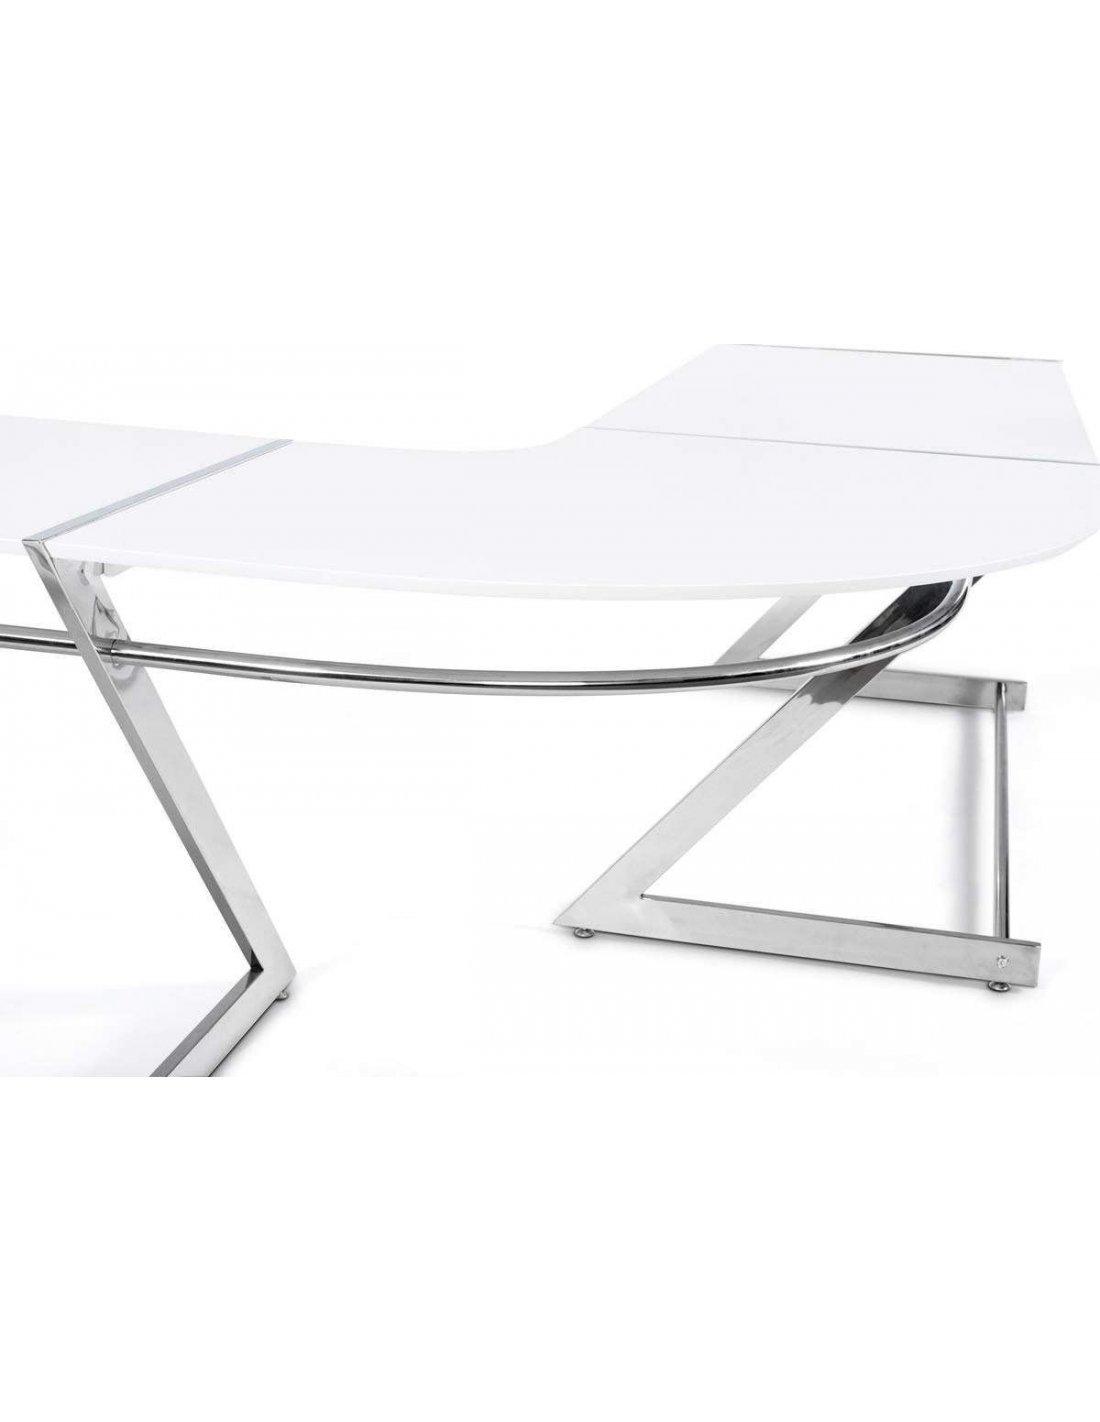 Bureau D Angle Arrondi bureau design ares | kokoon design | blanc